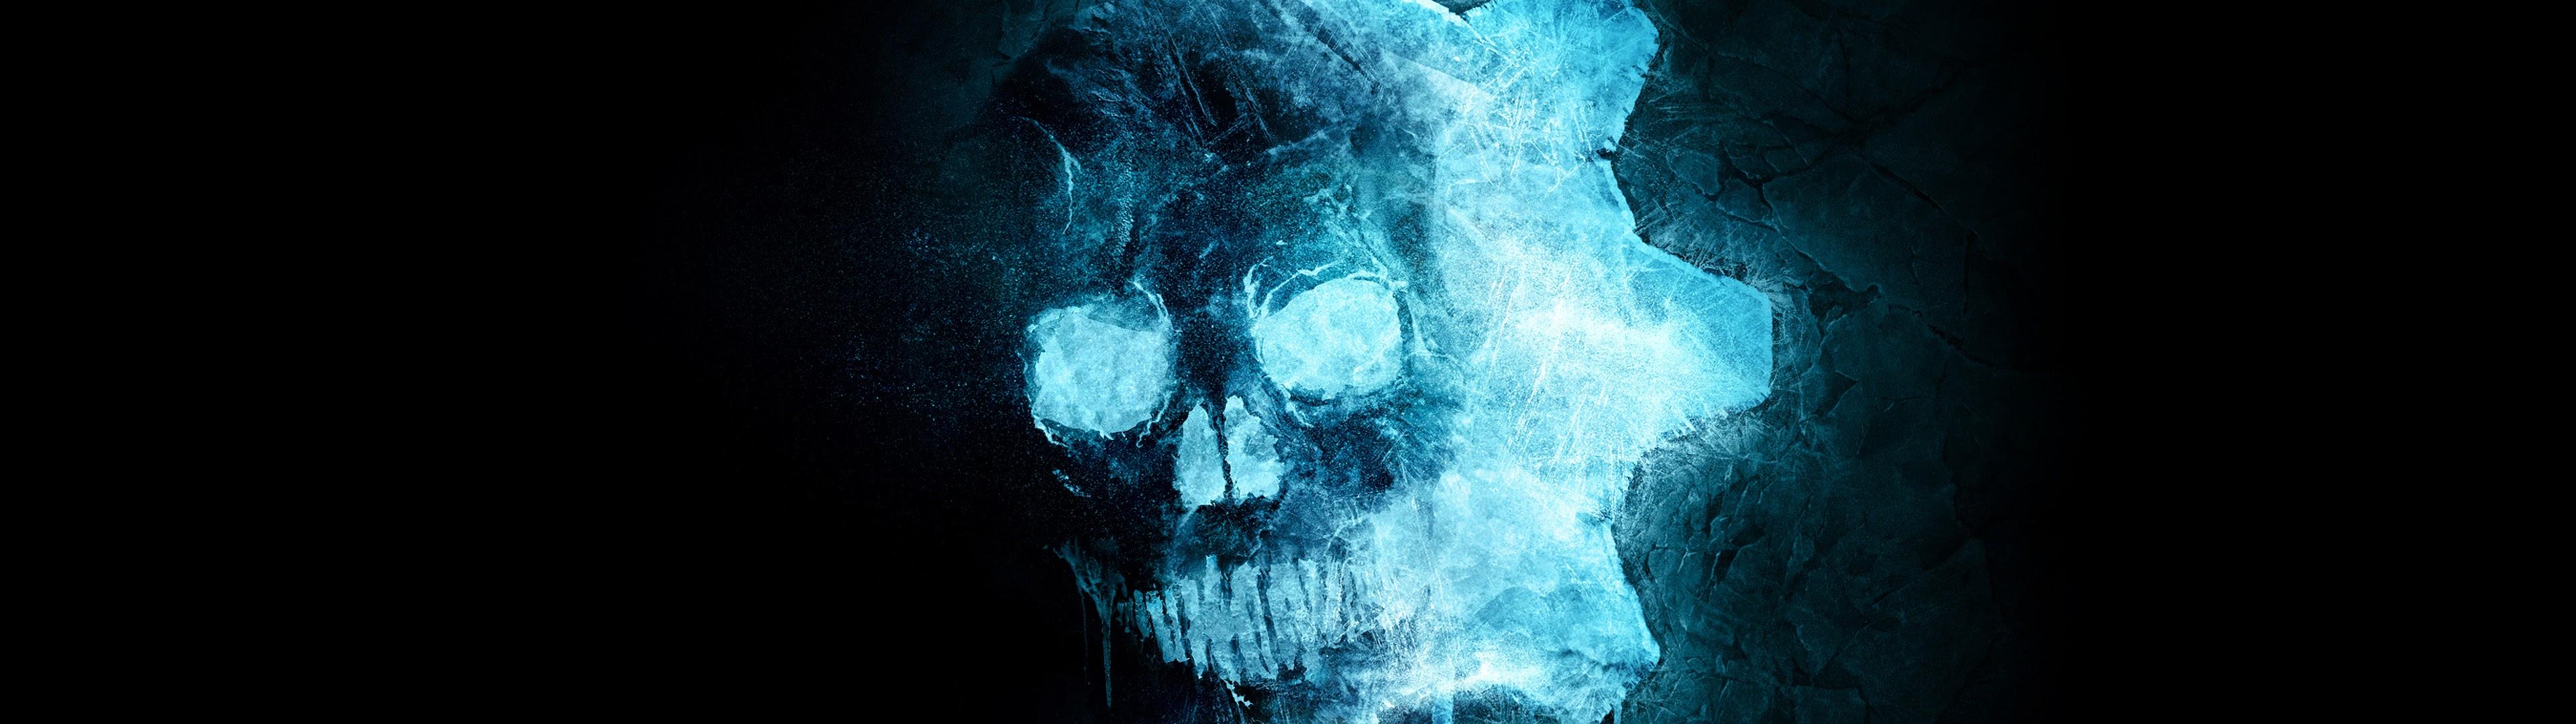 Gears 5, Skull, Logo, 4k, - Gears 5 Ice Omen - HD Wallpaper